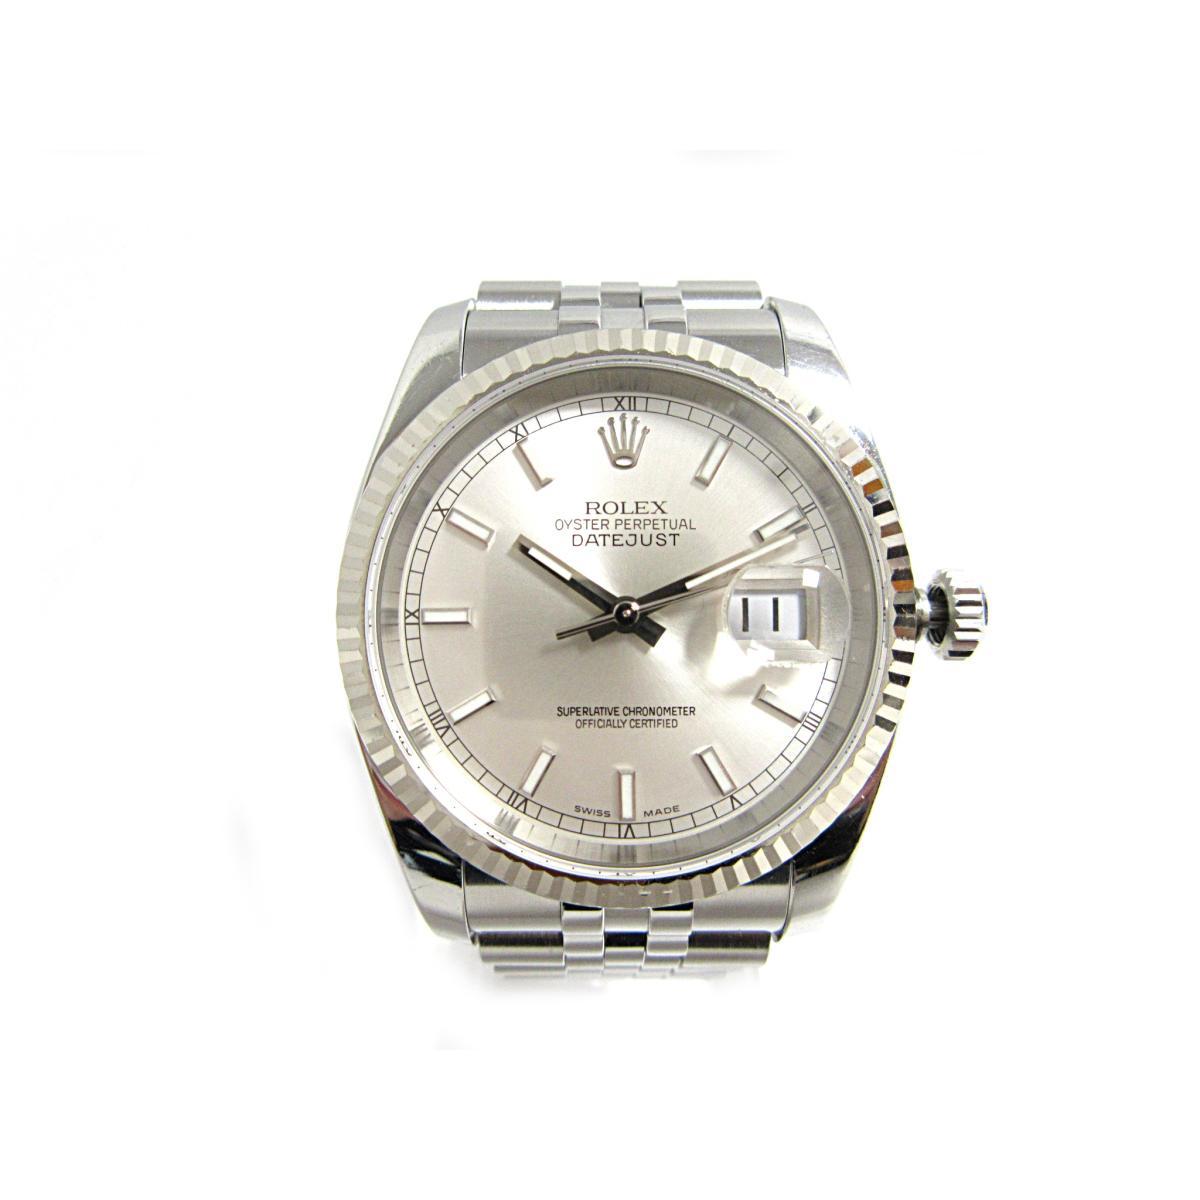 ロレックス デイトジャスト 腕時計 ウォッチ メンズ ステンレススチール (SS) × K18WG (ホワイトゴールド) (116234) 【中古】 | ROLEX BRANDOFF ブランドオフ ブランド ブランド時計 ブランド腕時計 時計